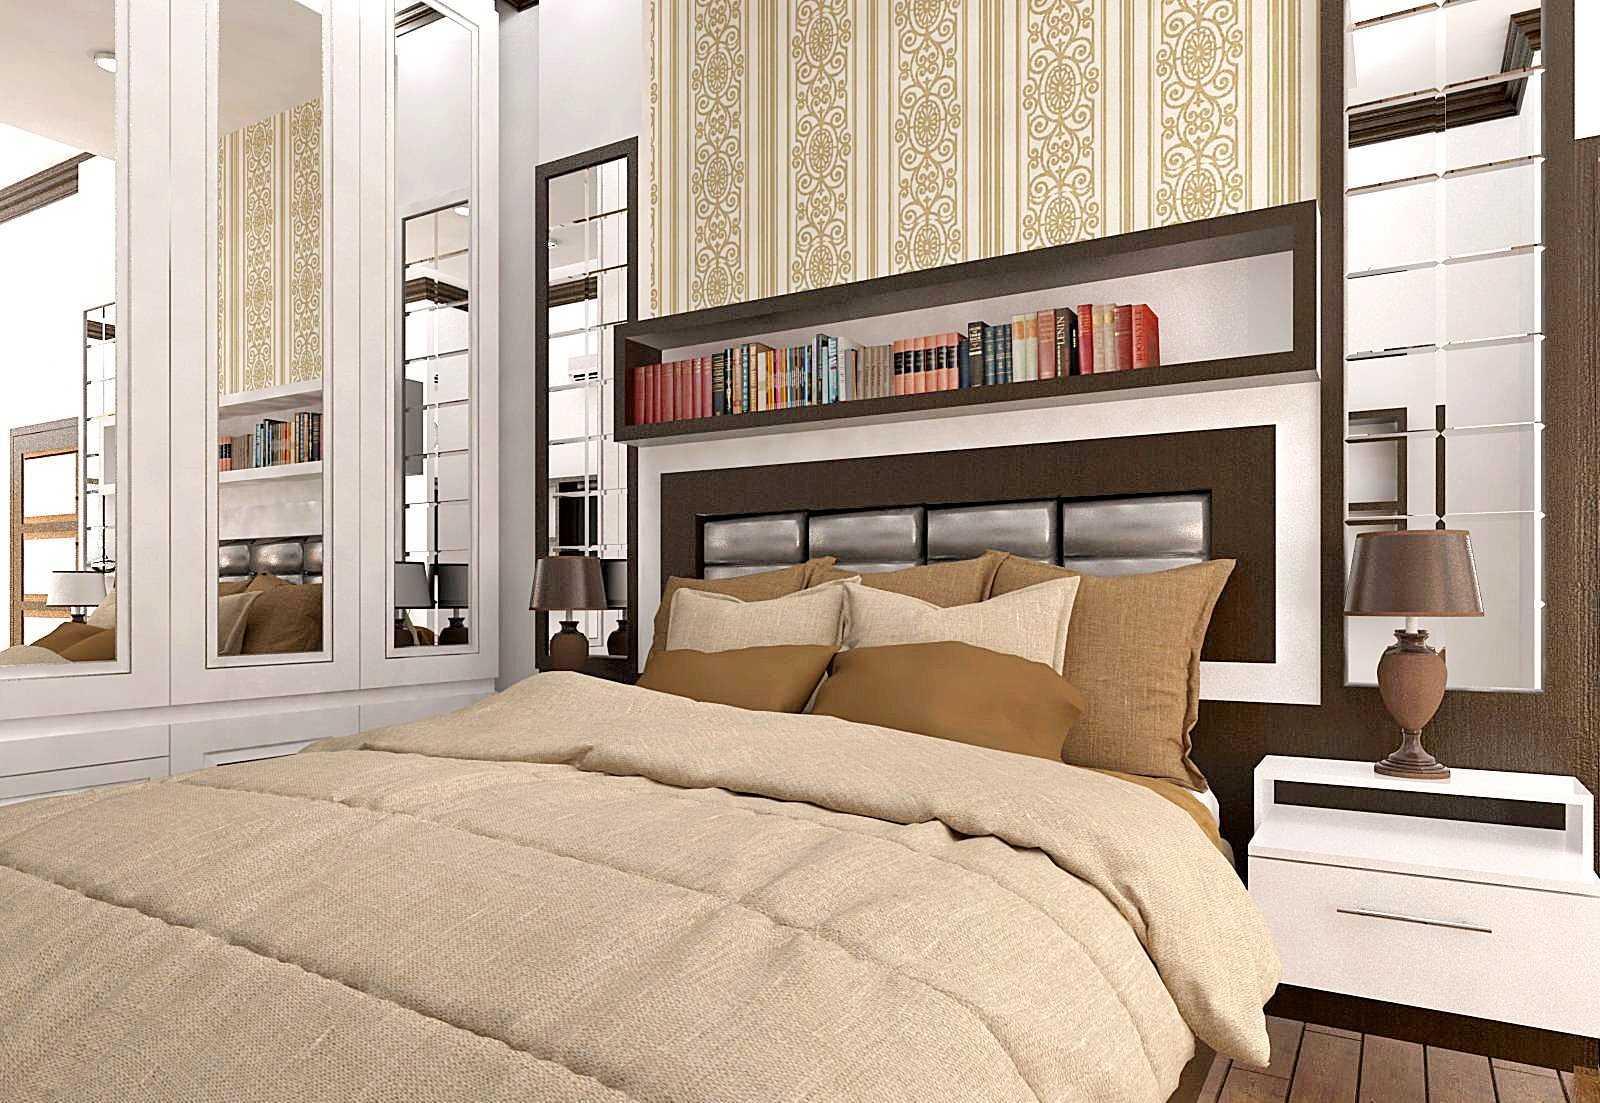 Artelier Adul Bedroom  Medan Medan Bedroom Modern  22146